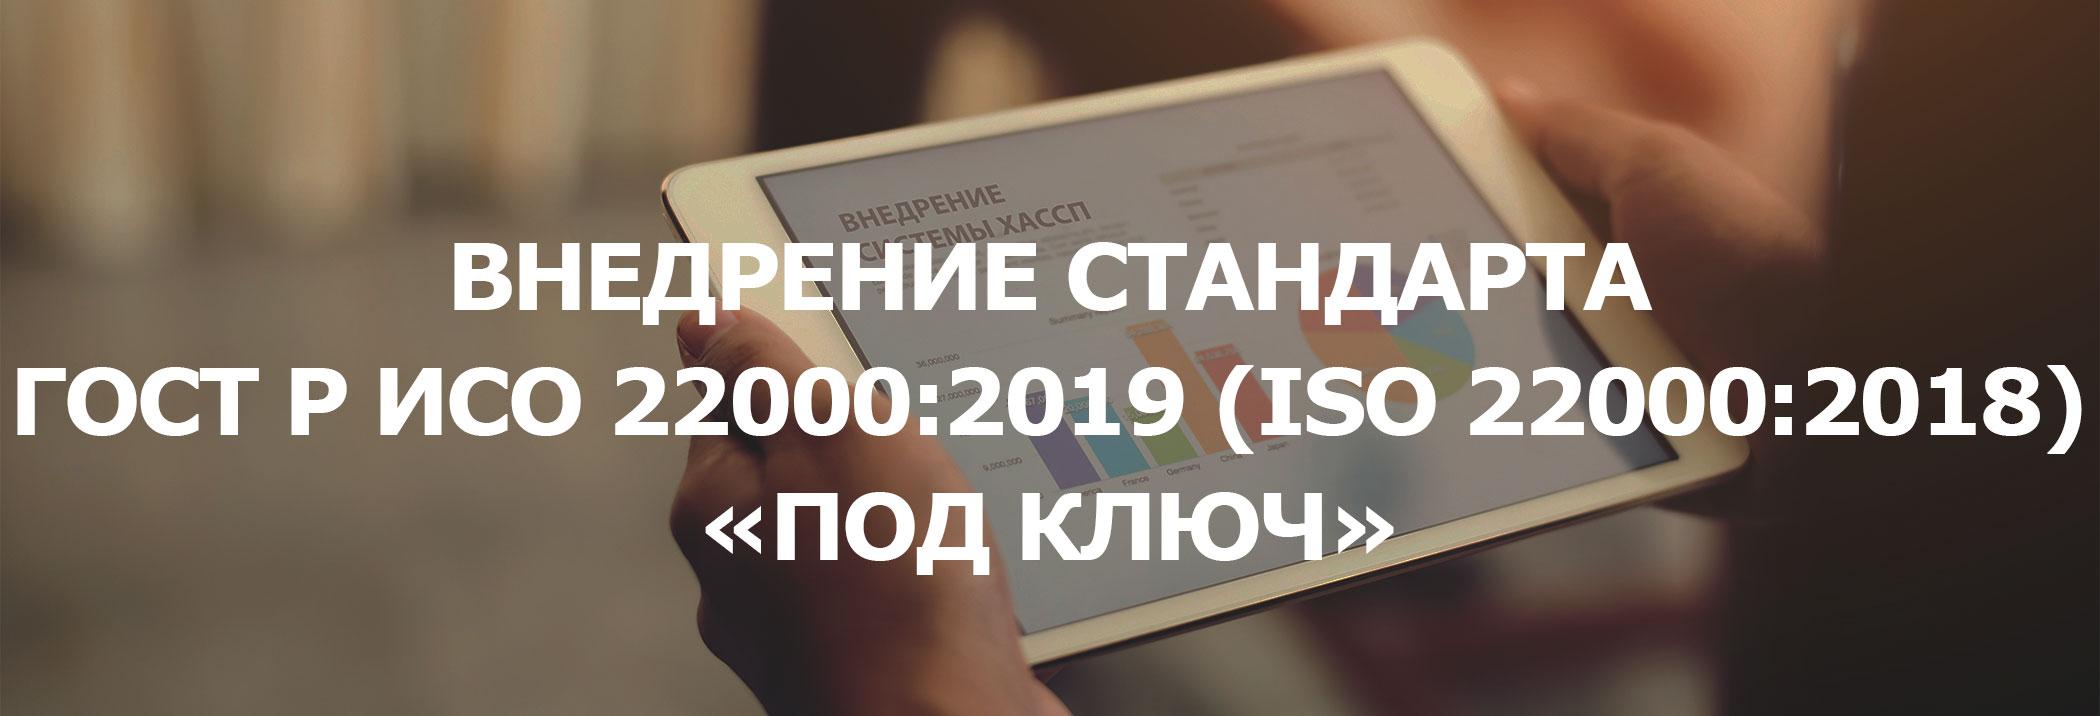 Внедрение и доработка системы менеджмента безопасности пищевой продукции до требований обновленного стандарта ГОСТ Р ИСО 22000:2019 (ISO 22000:2018)